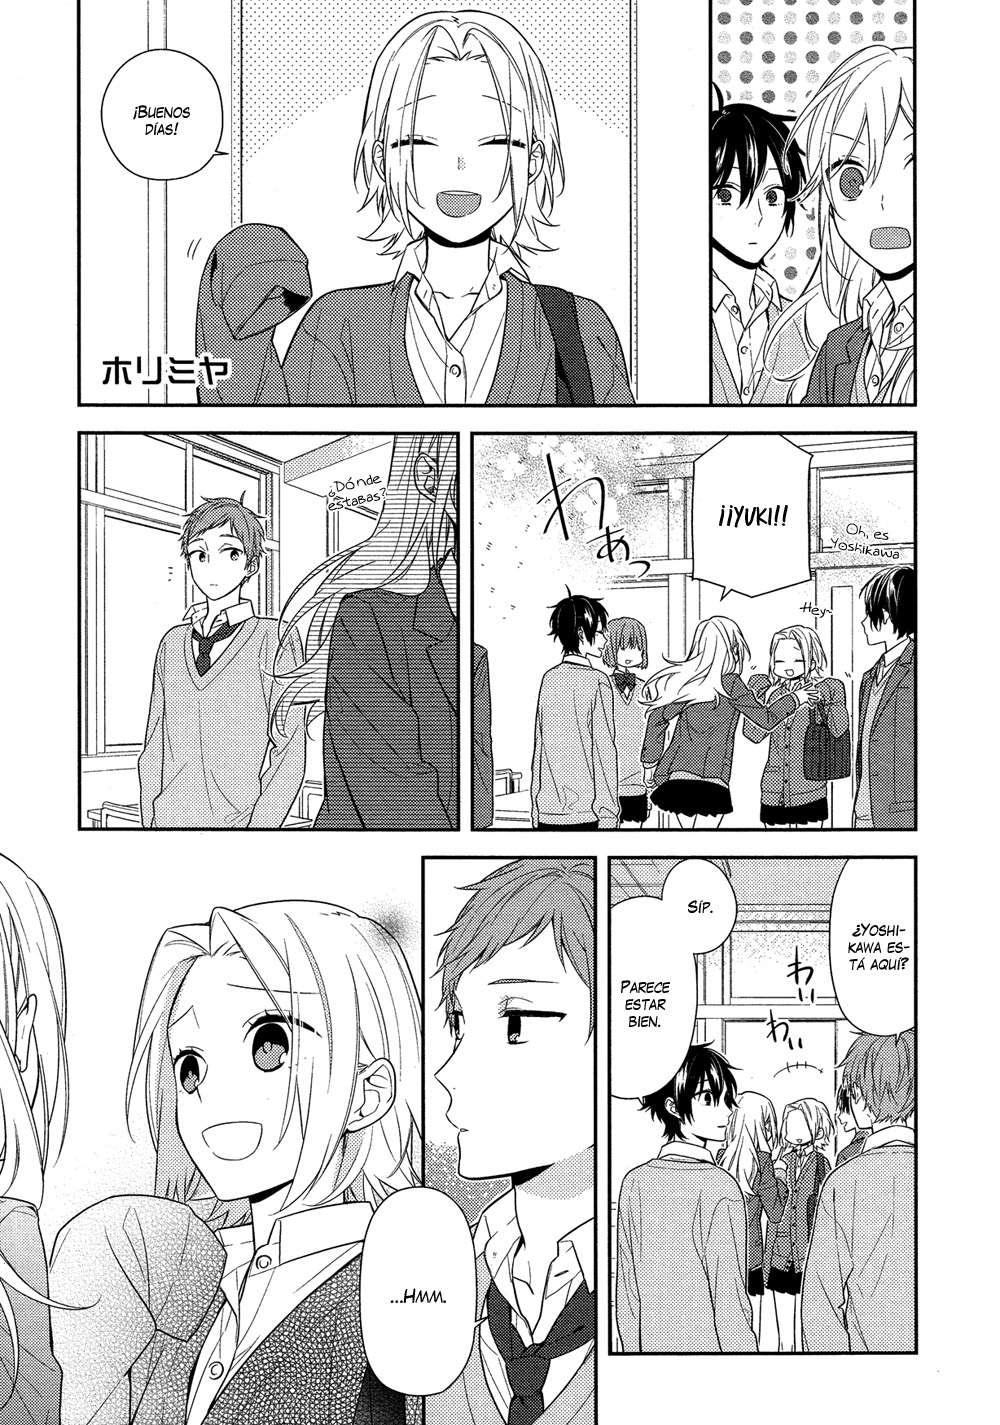 http://c5.ninemanga.com/es_manga/19/1043/439400/75a84b531abe6e9fe5de743f134186ab.jpg Page 4